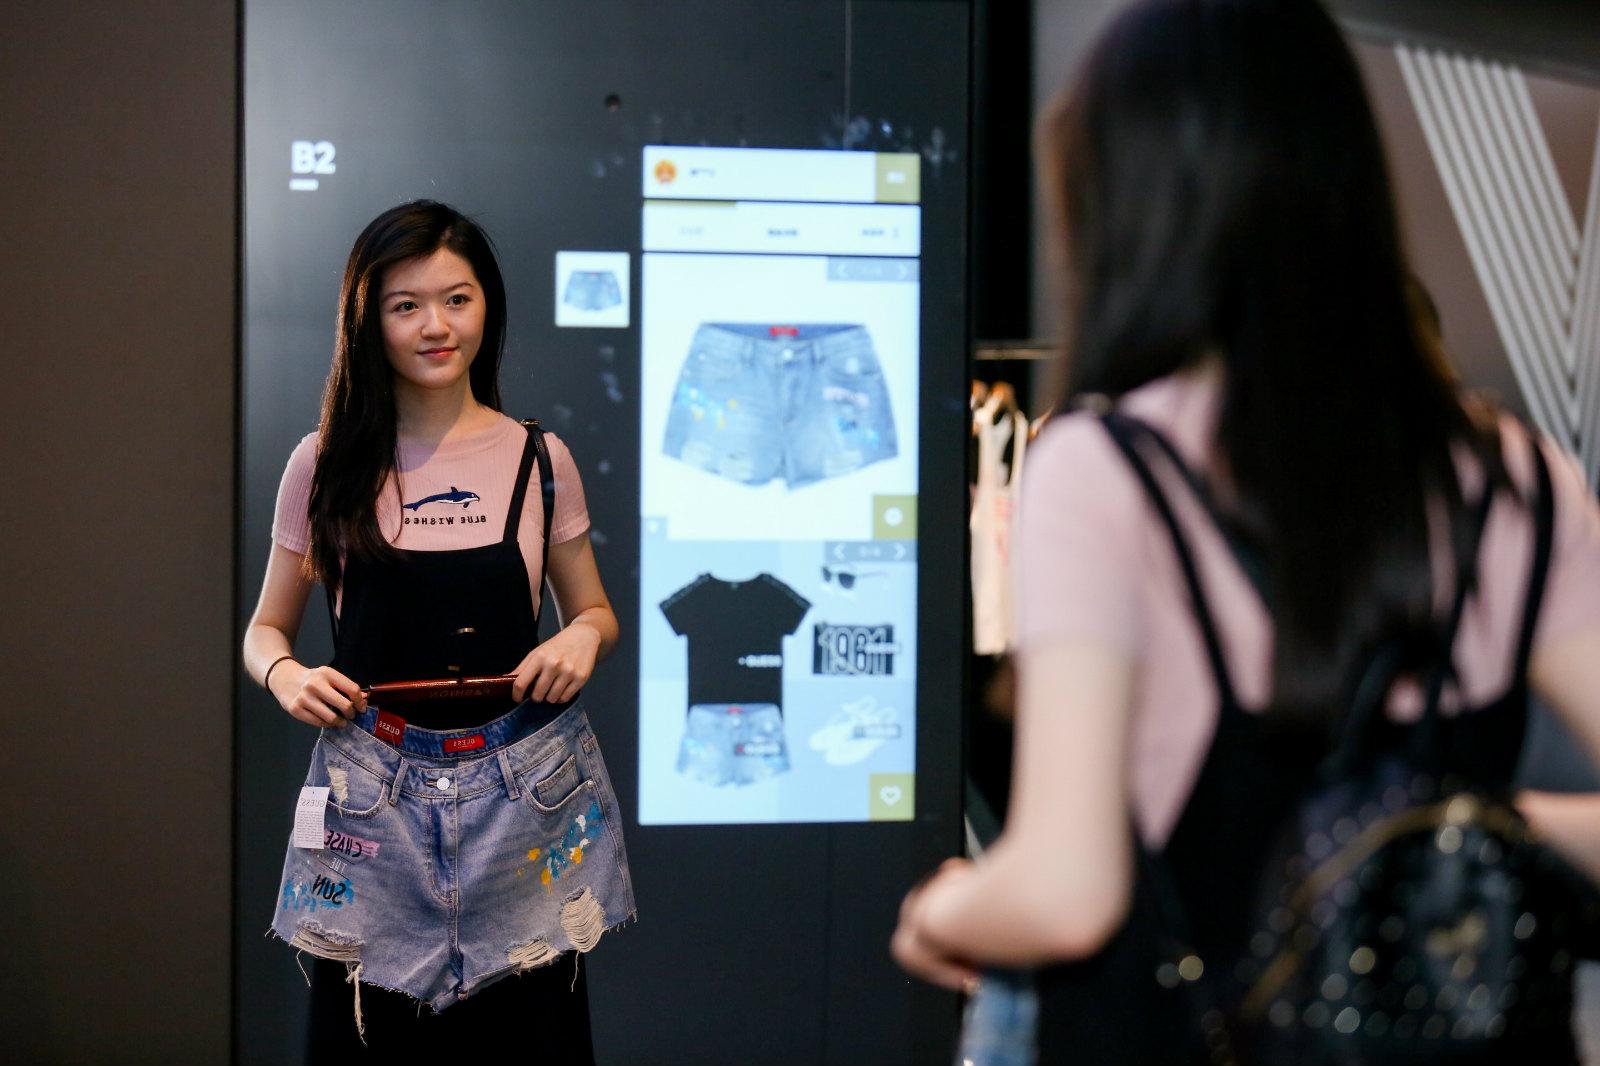 消费者得到人工智能提供的穿搭建议_meitu_2